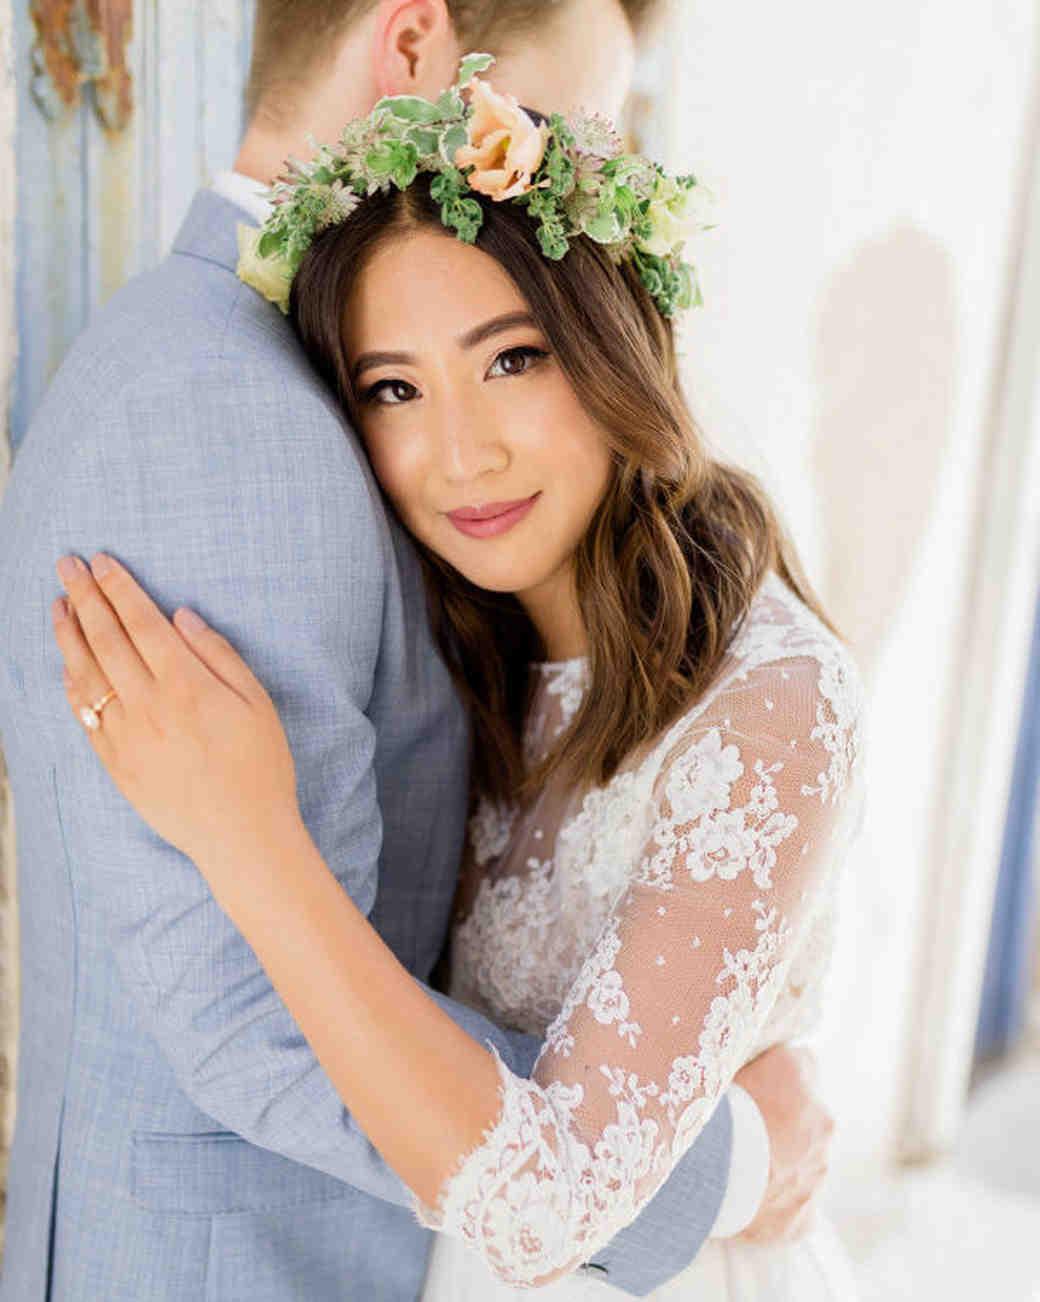 middle part hairstyles bride wearing flower crown hugging groom